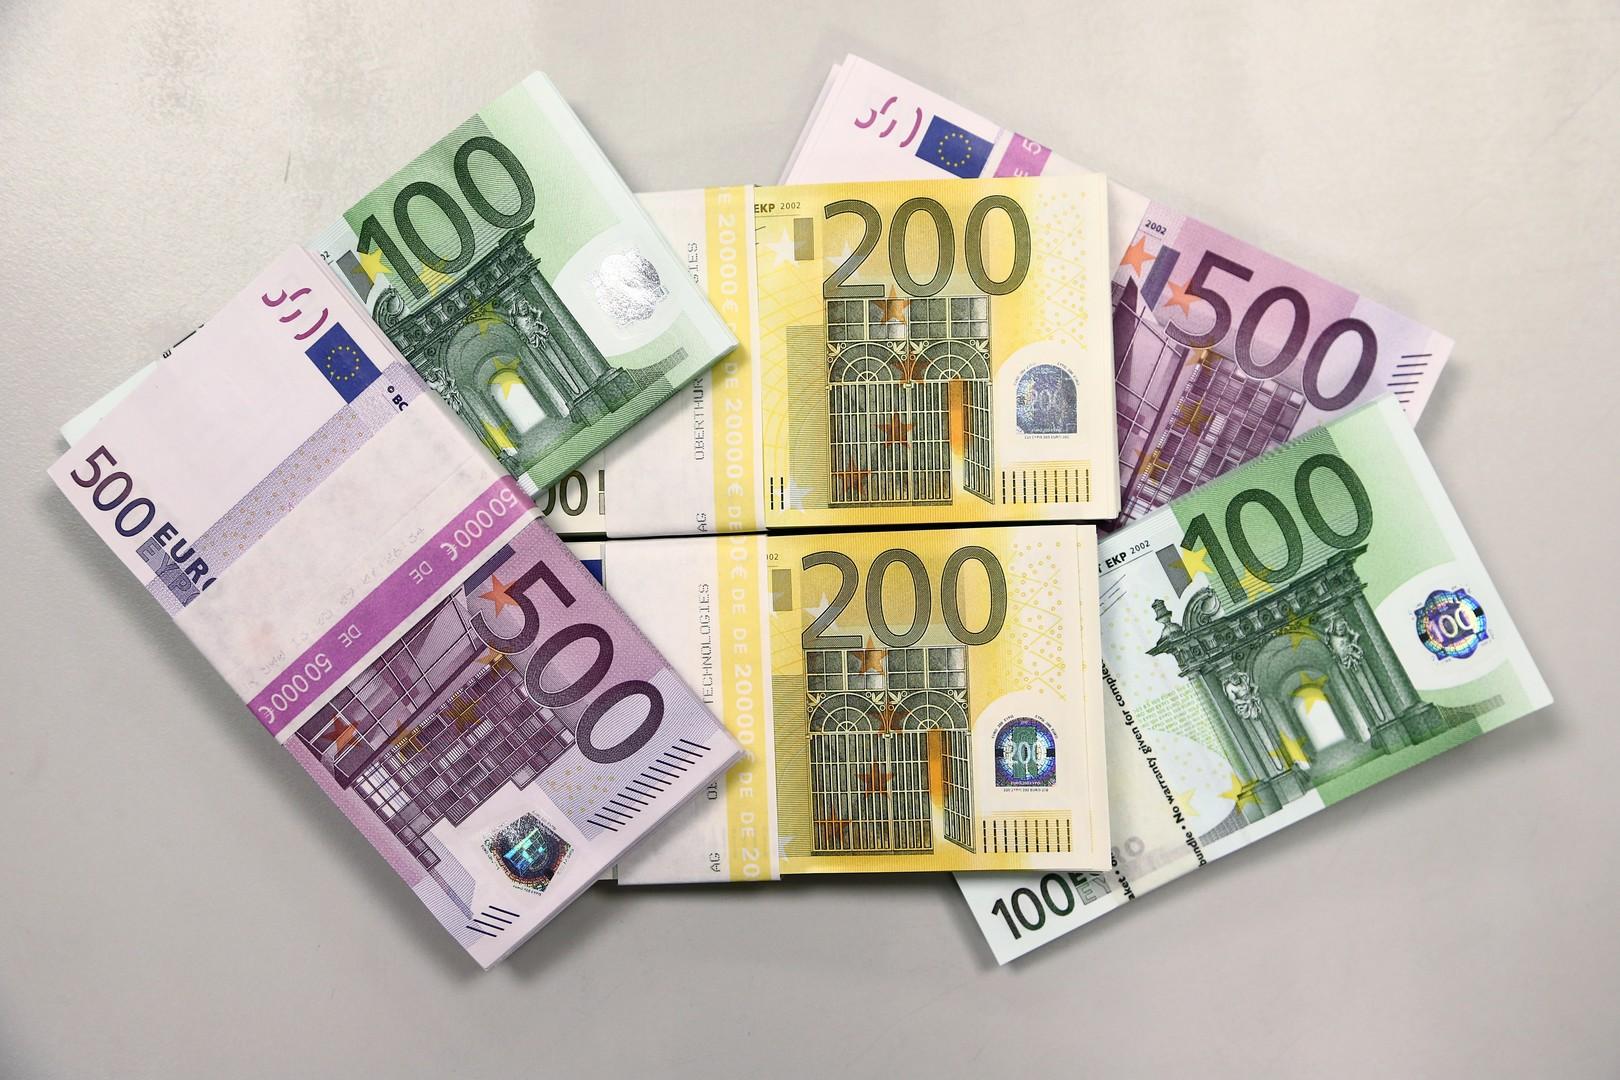 معنويات مستثمري منطقة اليورو في الحضيض